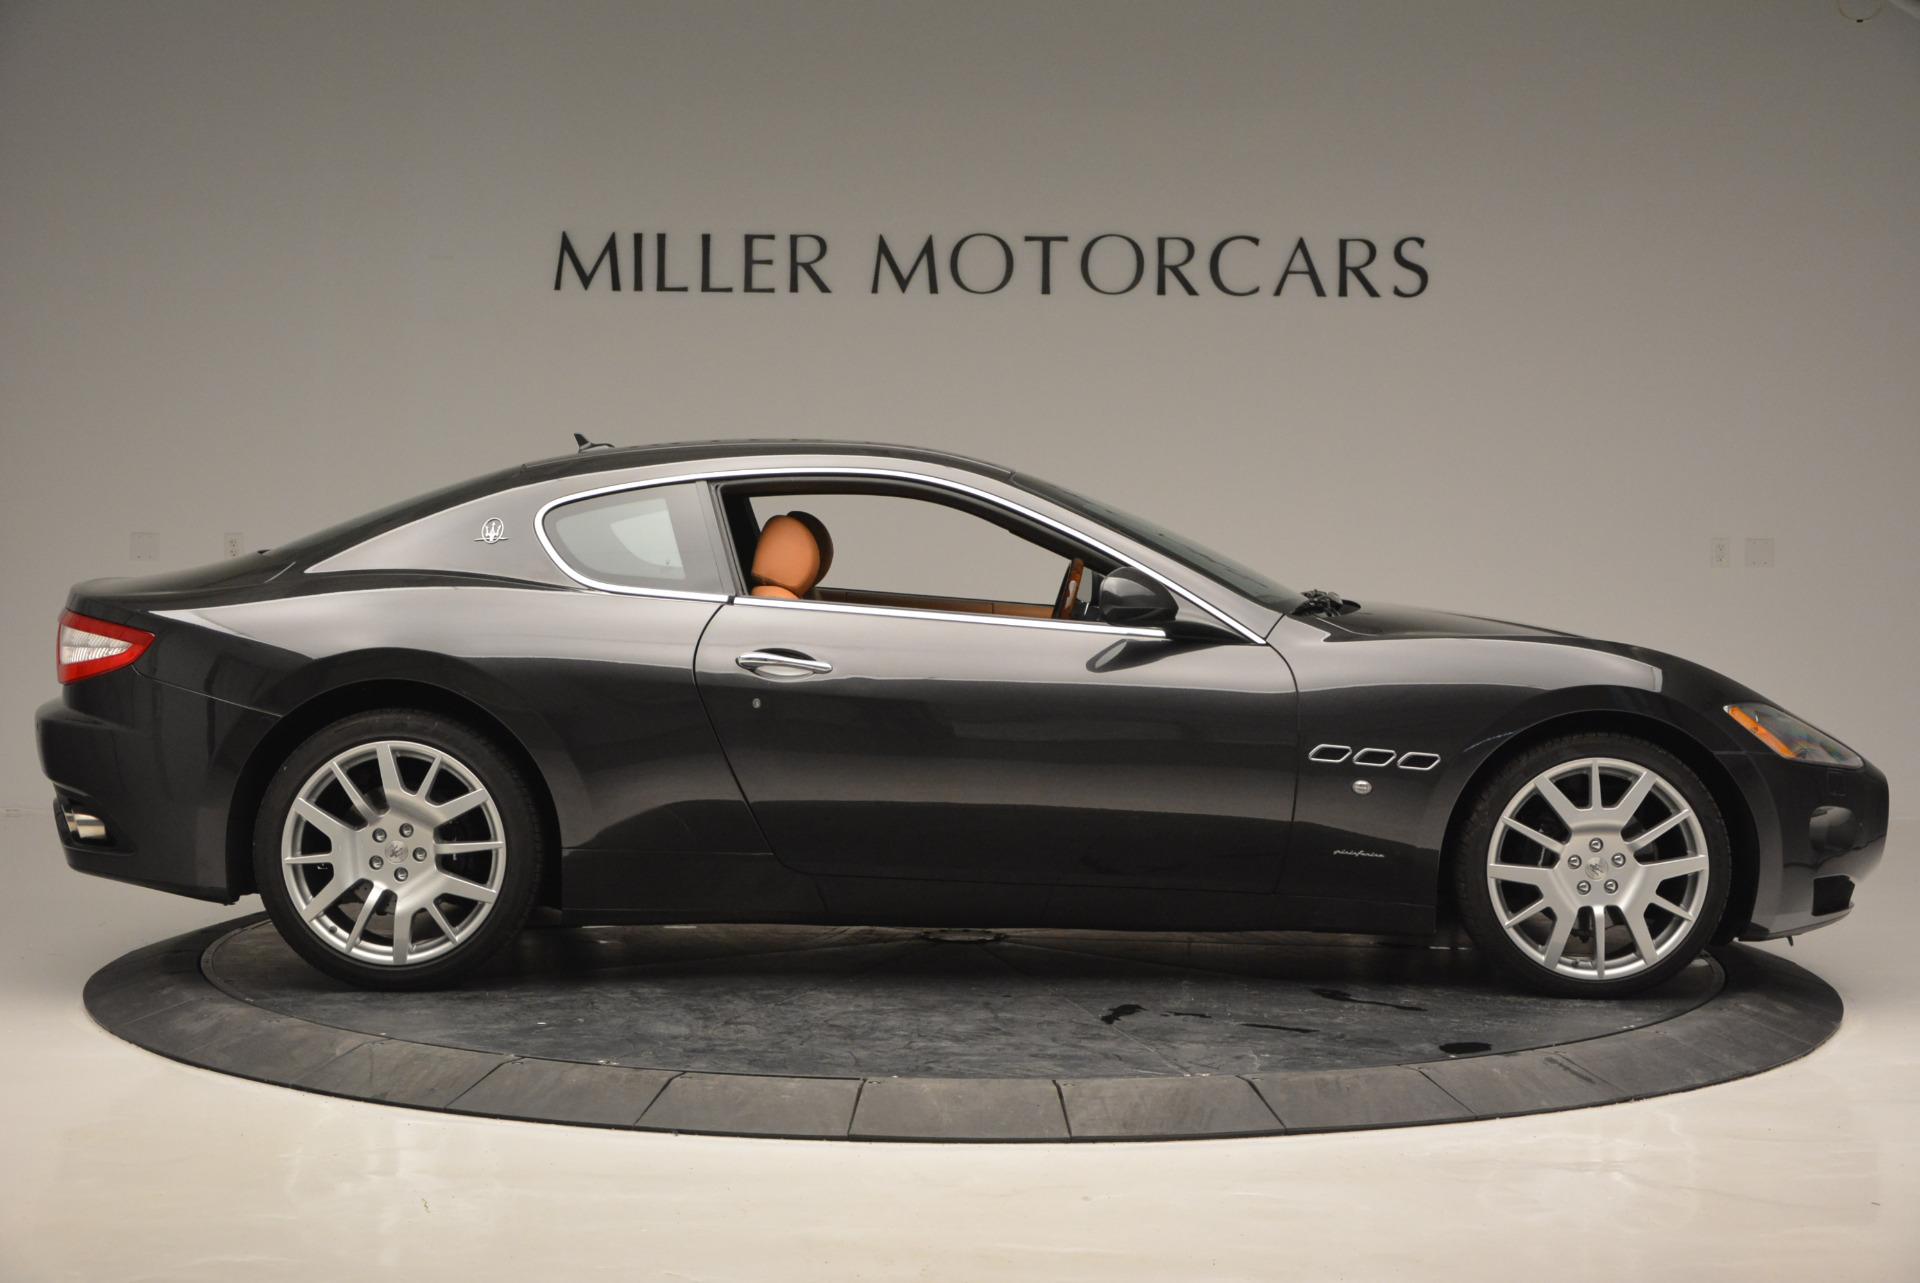 Used 2011 Maserati GranTurismo  For Sale In Westport, CT 816_p9